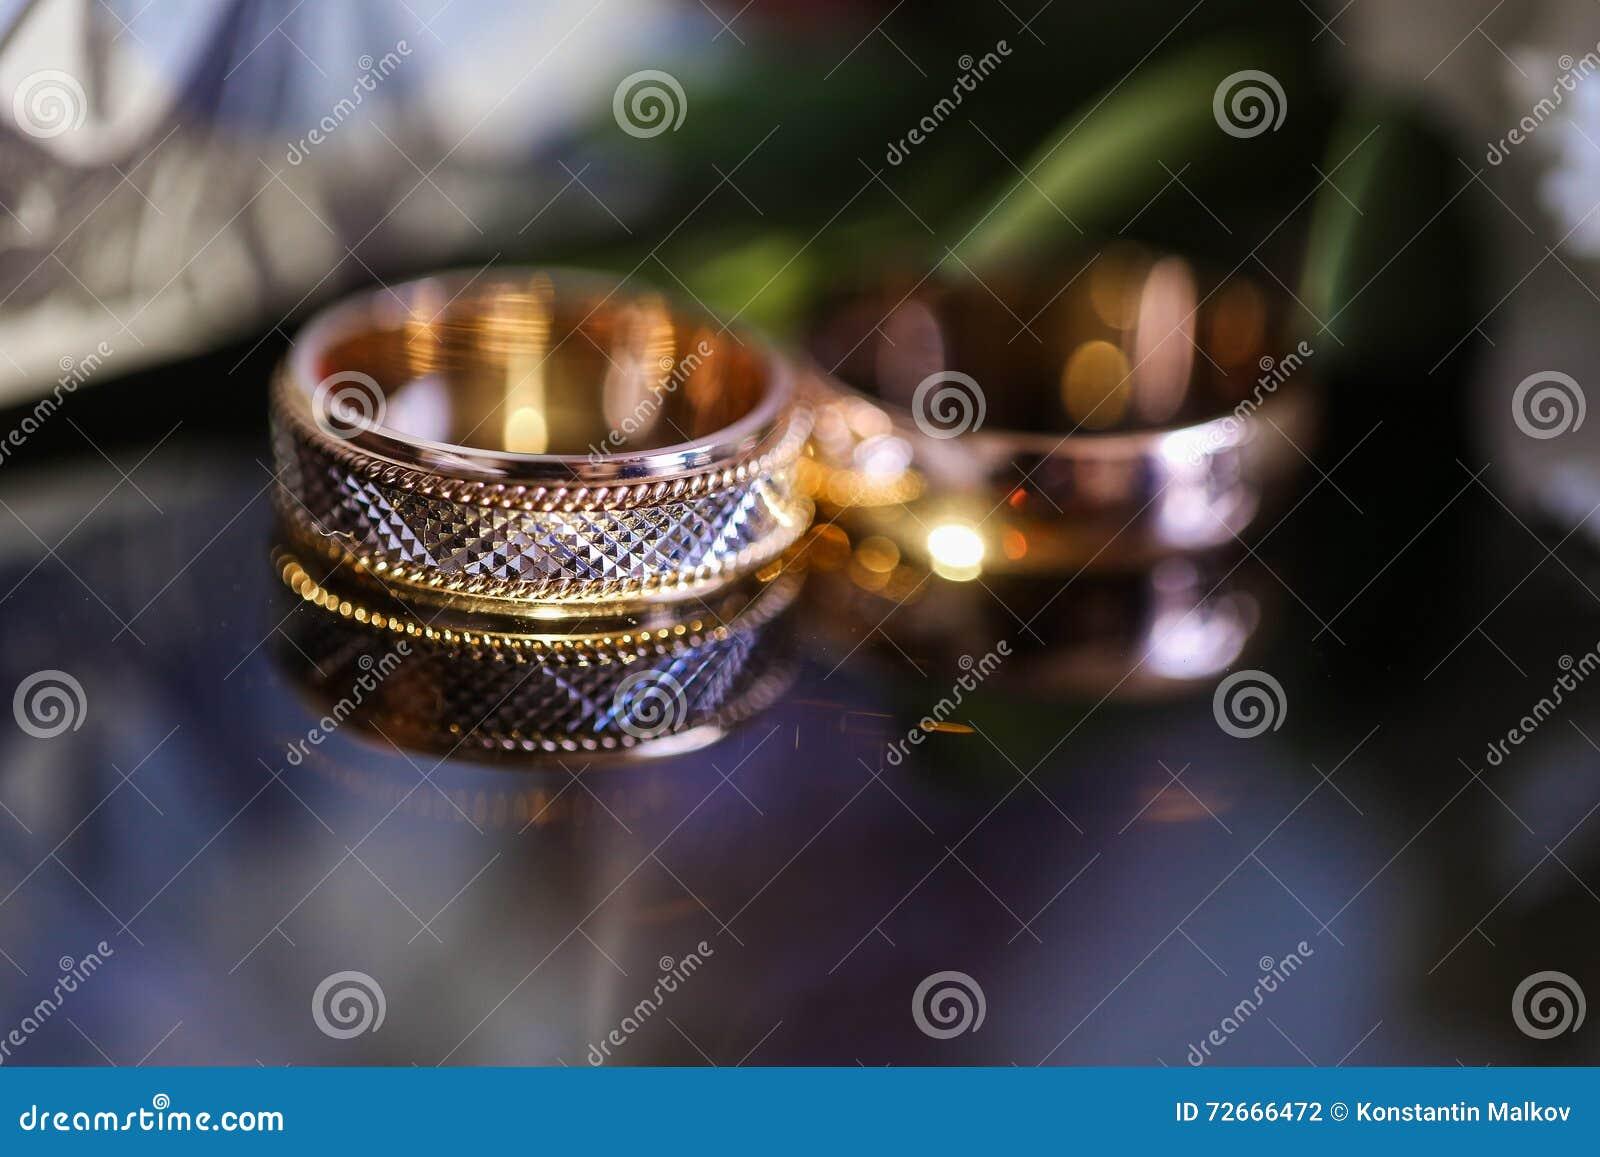 Anneaux De Mariage Sur La Table En Verre En Noir Et Blanc Or